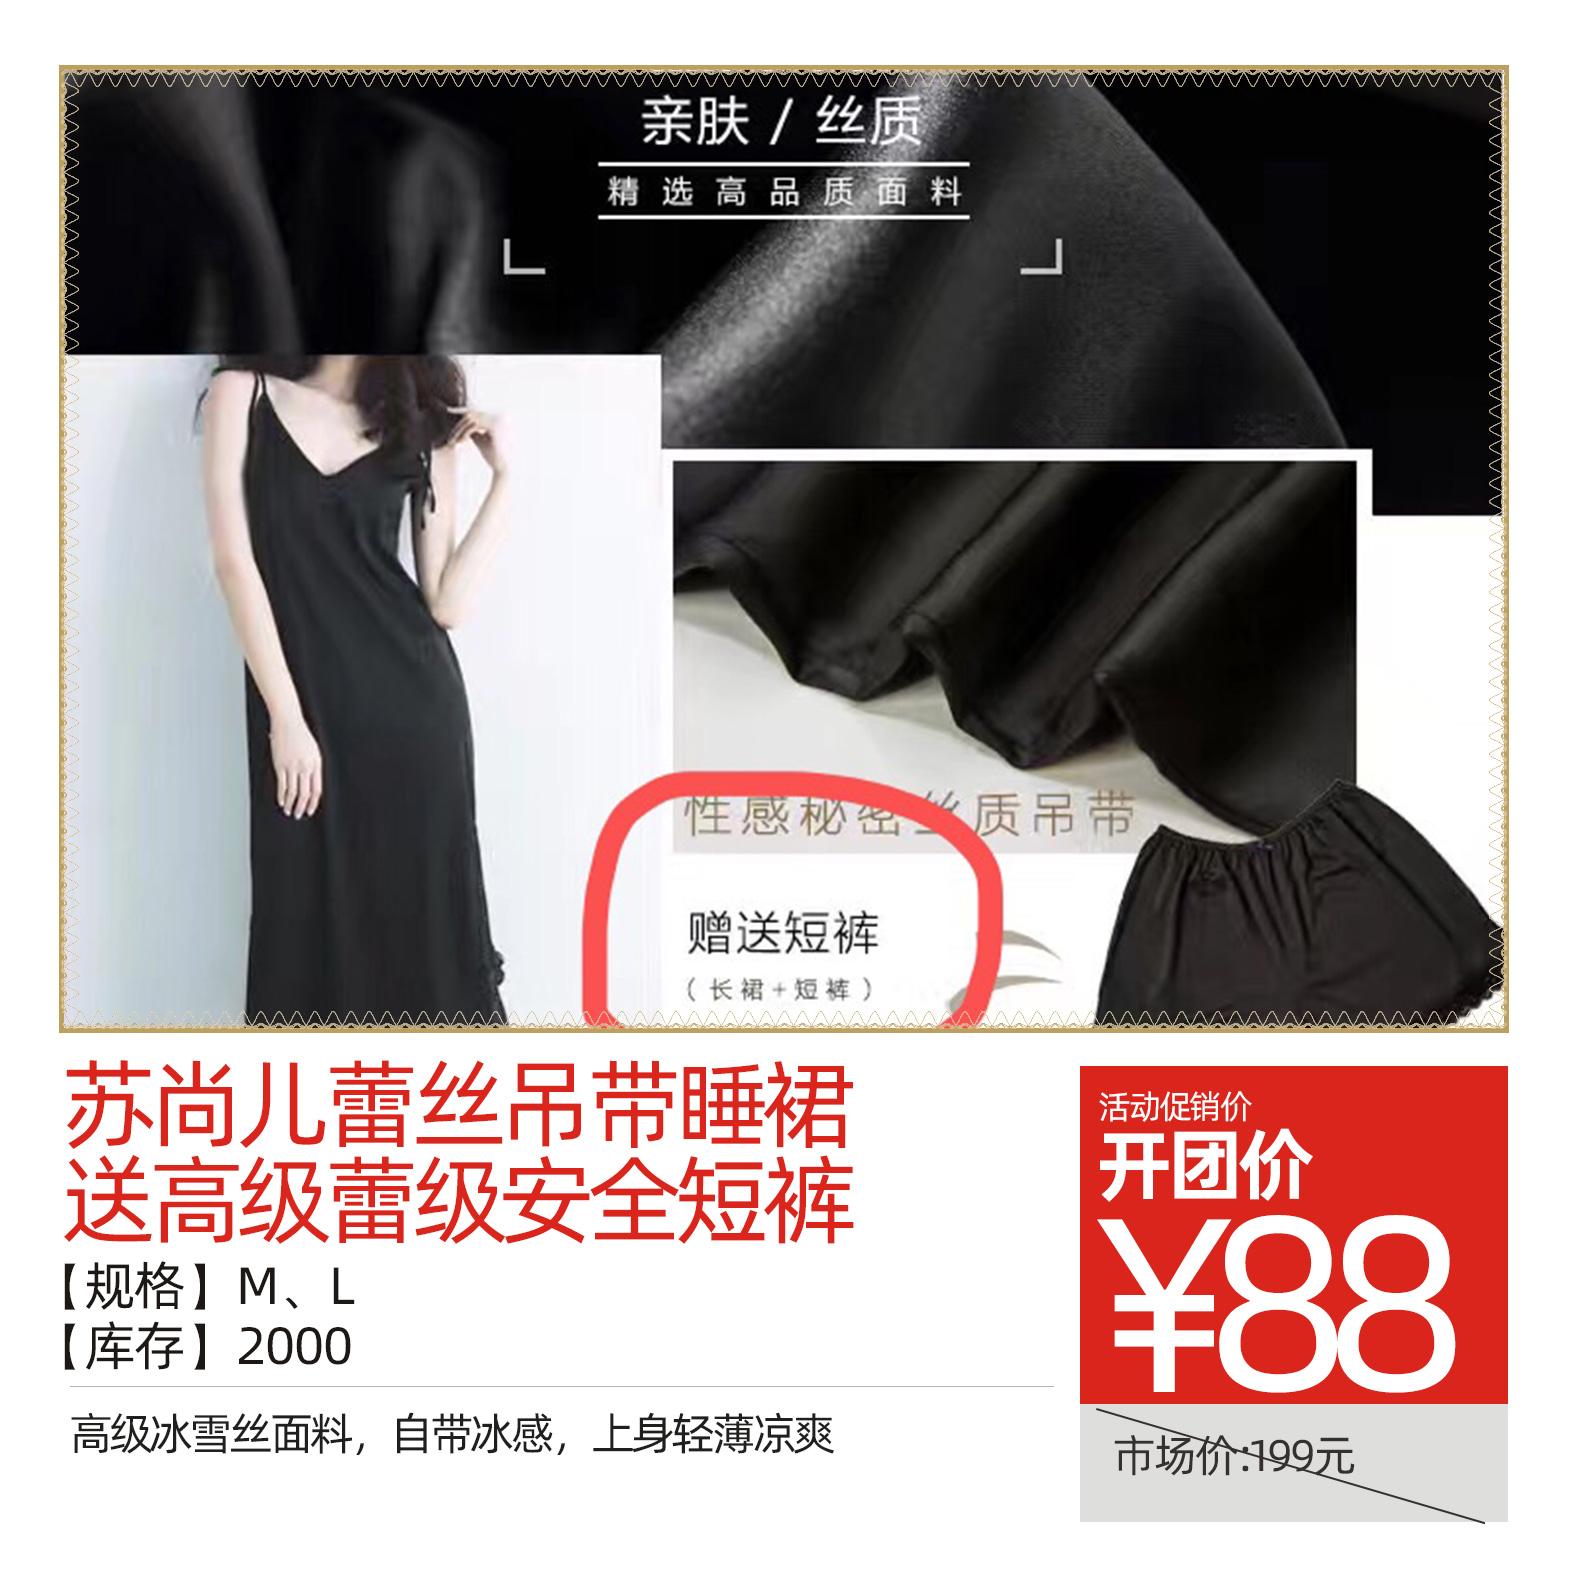 苏尚儿蕾丝吊带睡裙送高级蕾级安全短裤